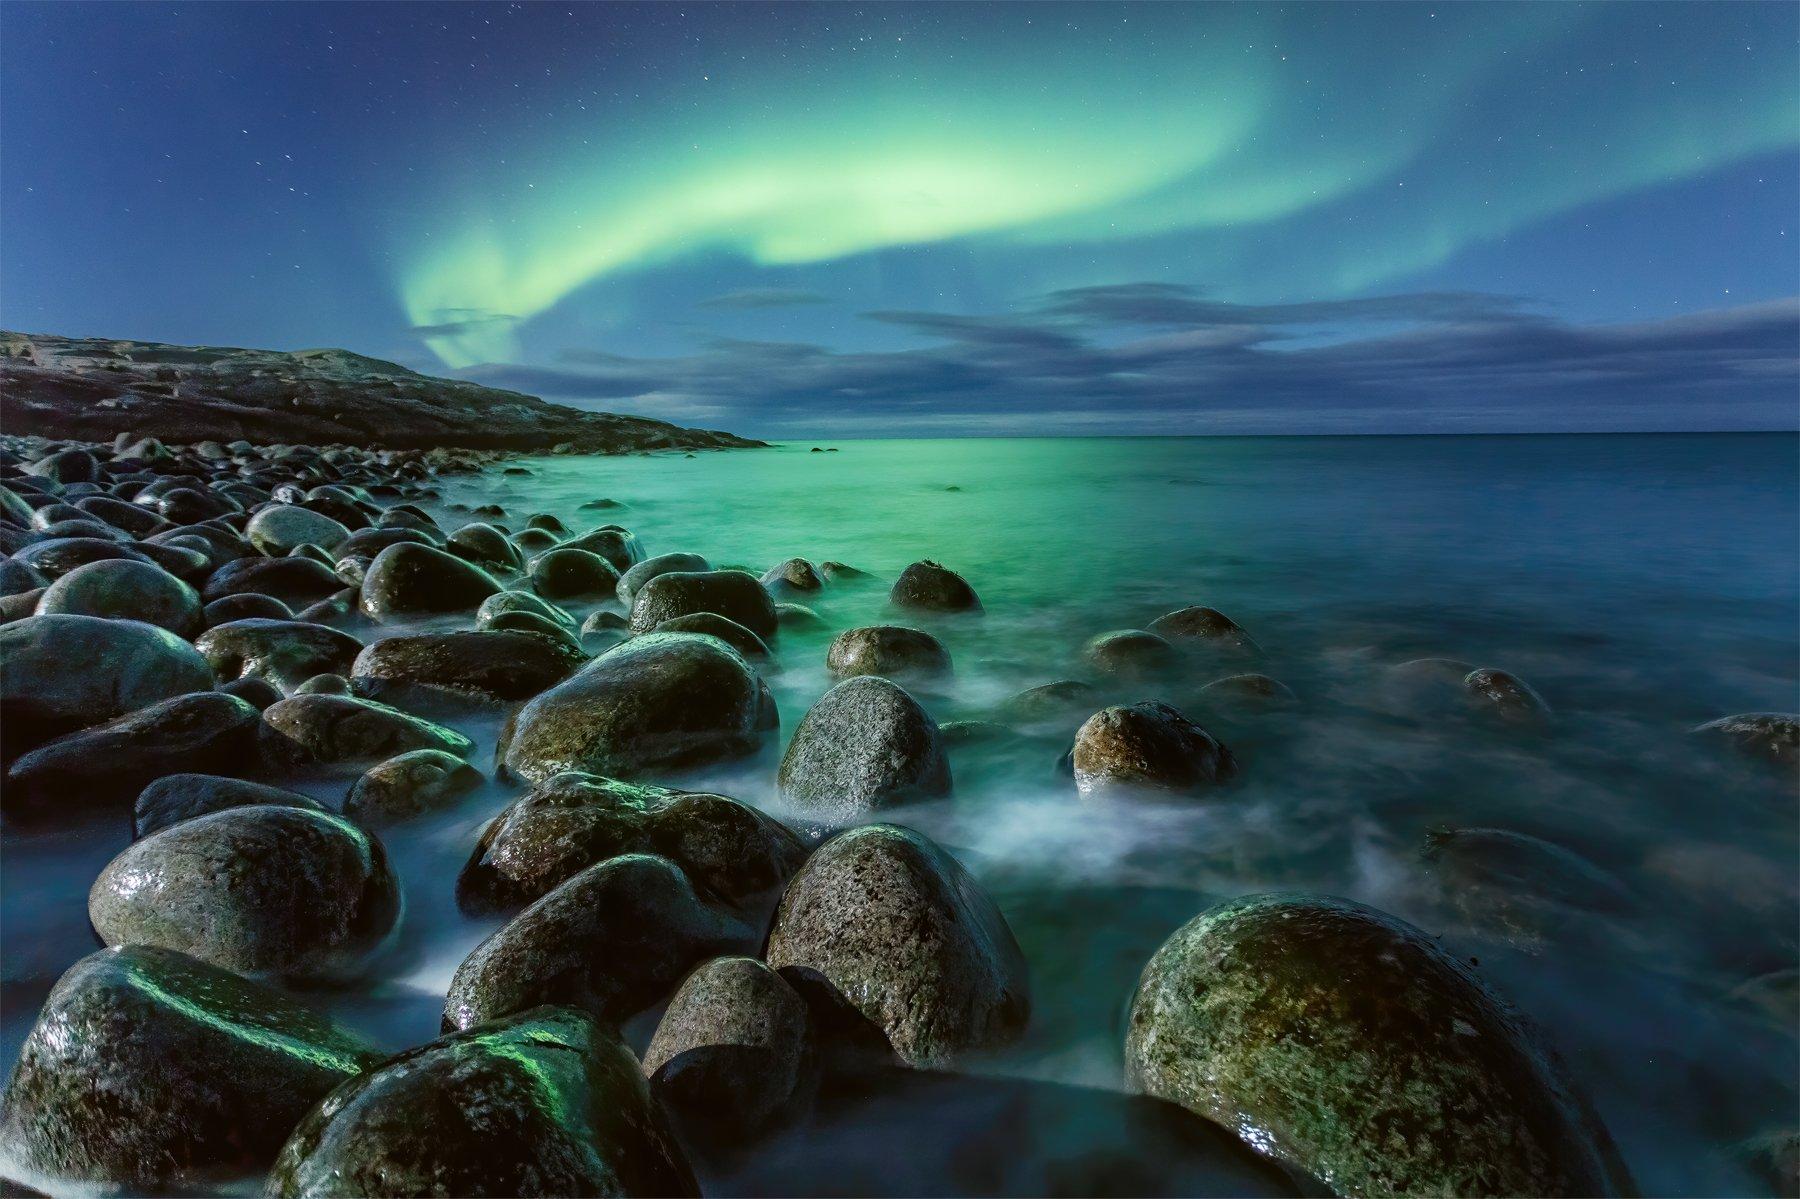 северное сияние, териберка, ночная съемка, пейзаж, Проскалов Михаил